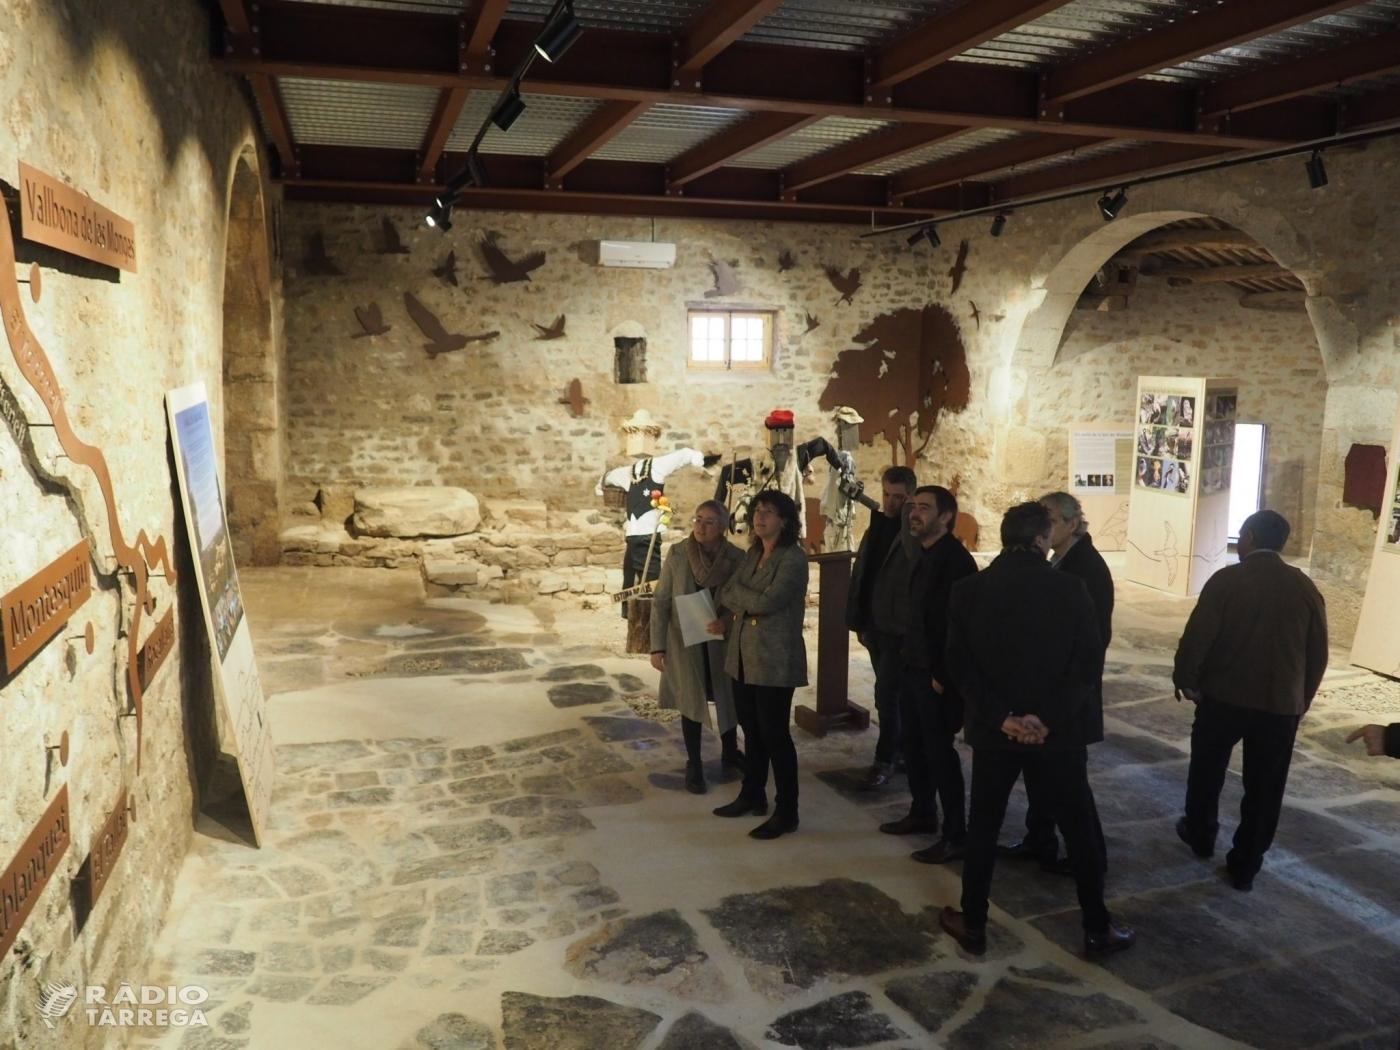 La consellera Jordà inaugura l'Espai Maldanell a Vallbona de les Monges